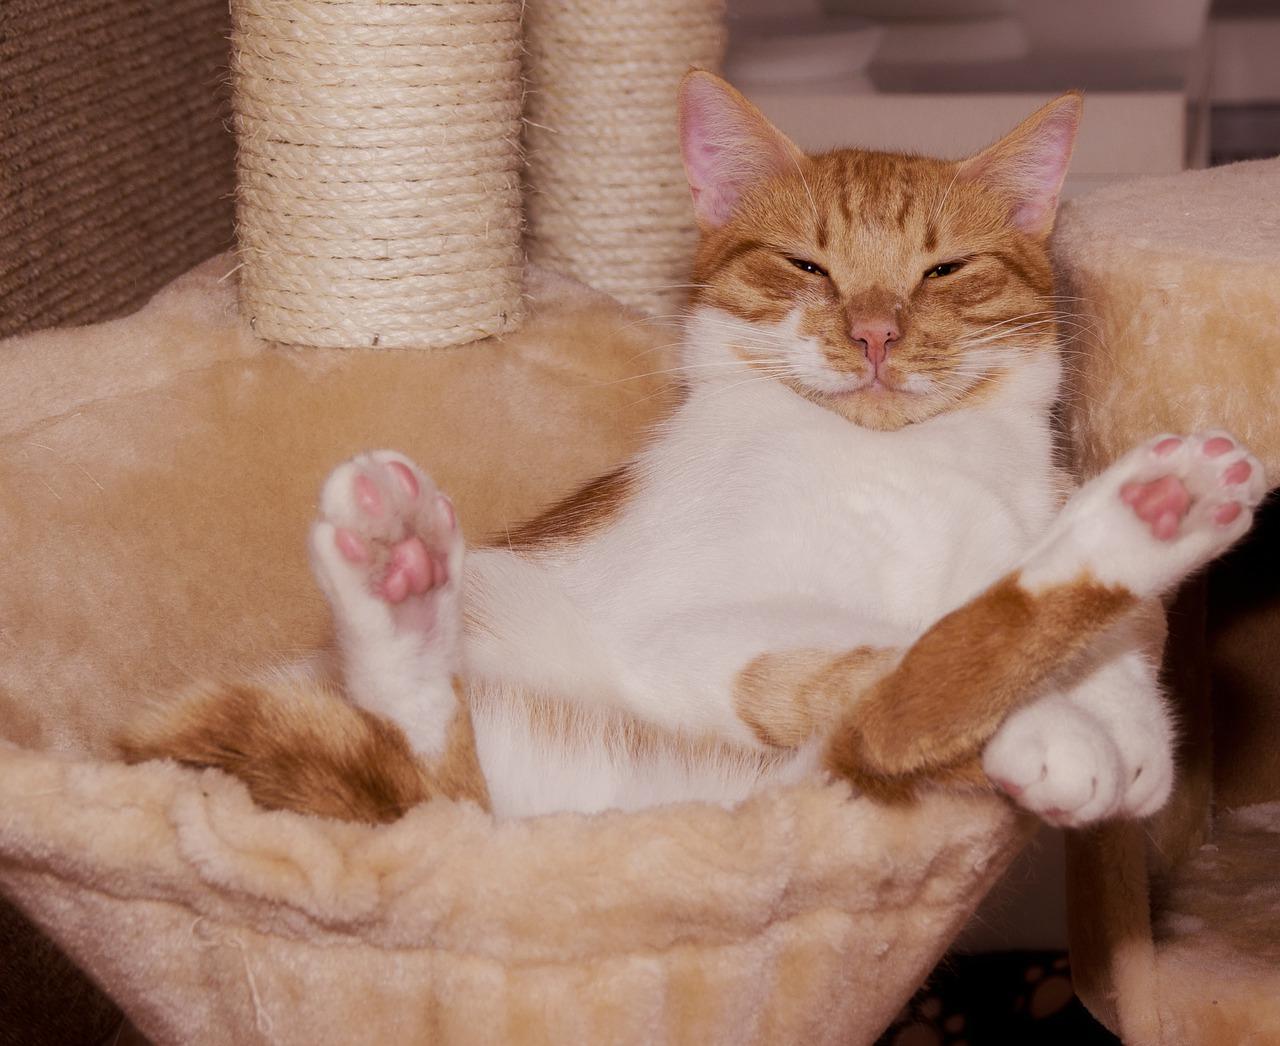 Jak předcházet psychickým problémům fotografie spokojené kočky